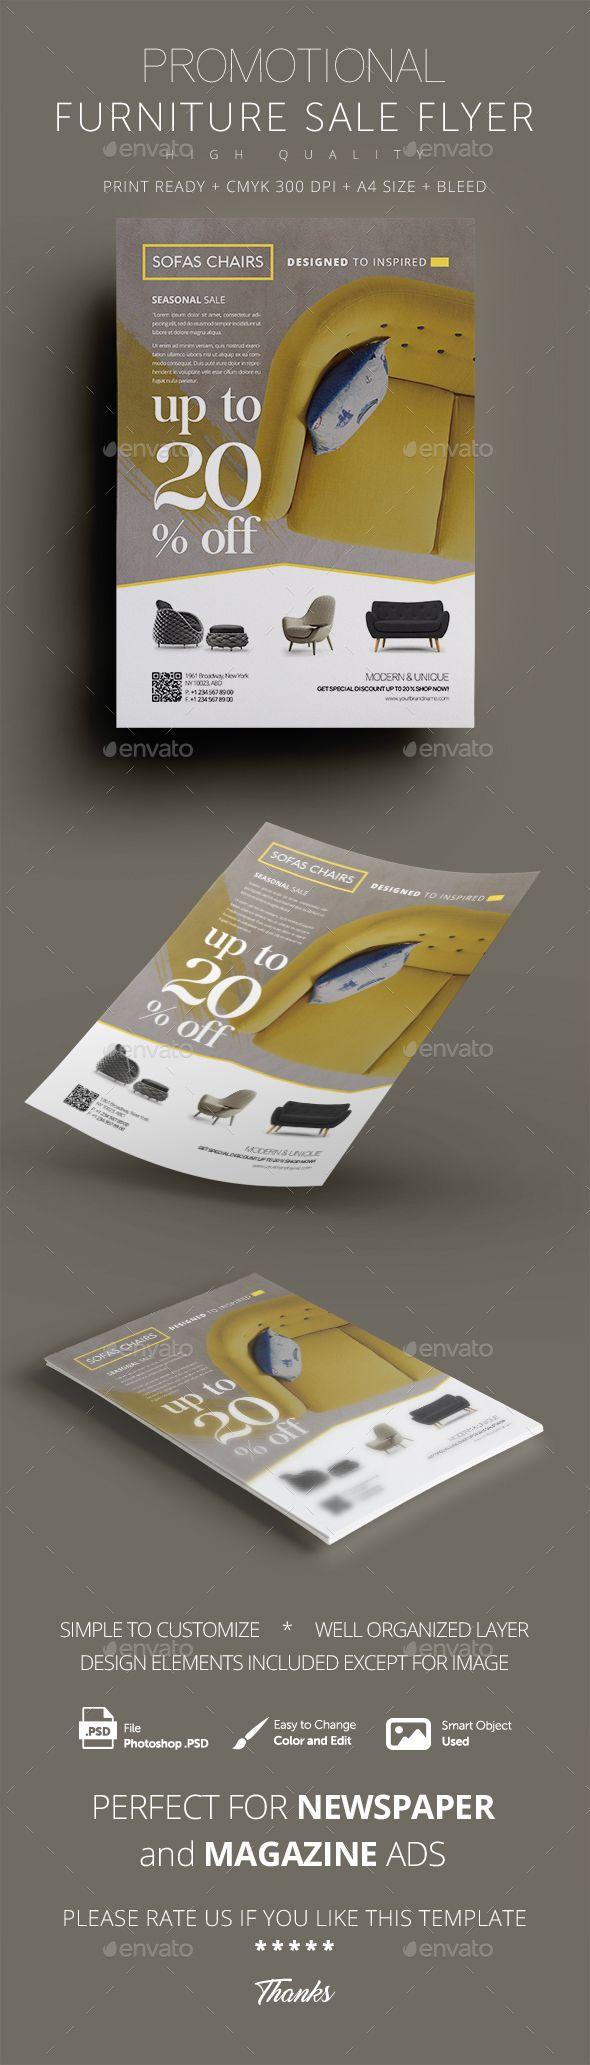 Furniture Promotional Sales Flyer Design Template Commerce Flyers - Sales flyer template photoshop